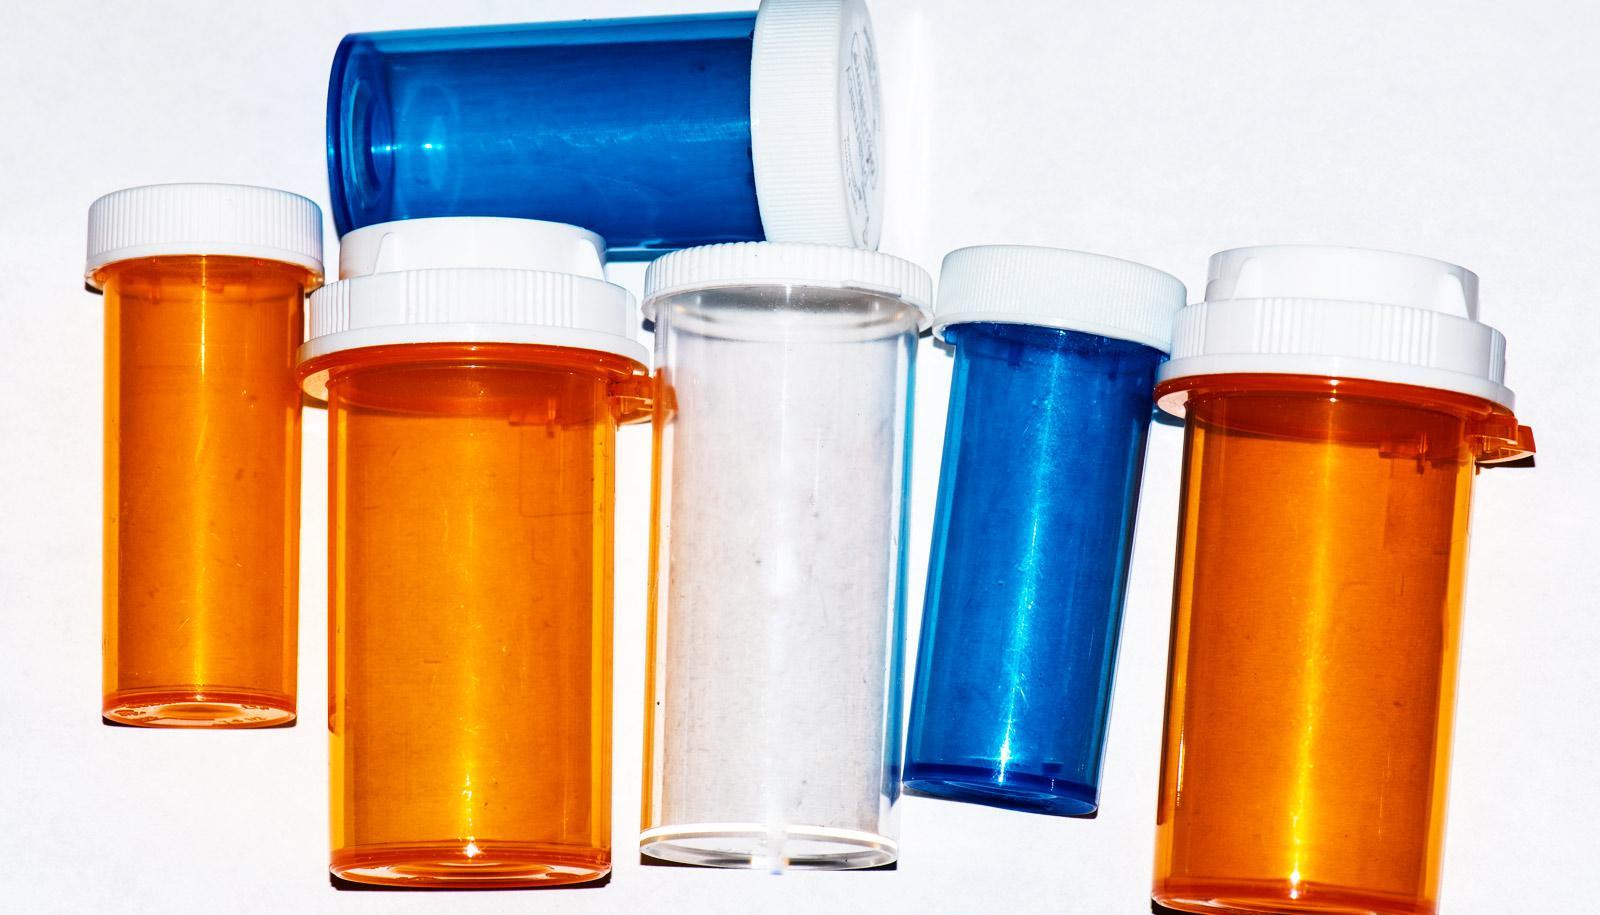 pill bottles on white - generic drugs